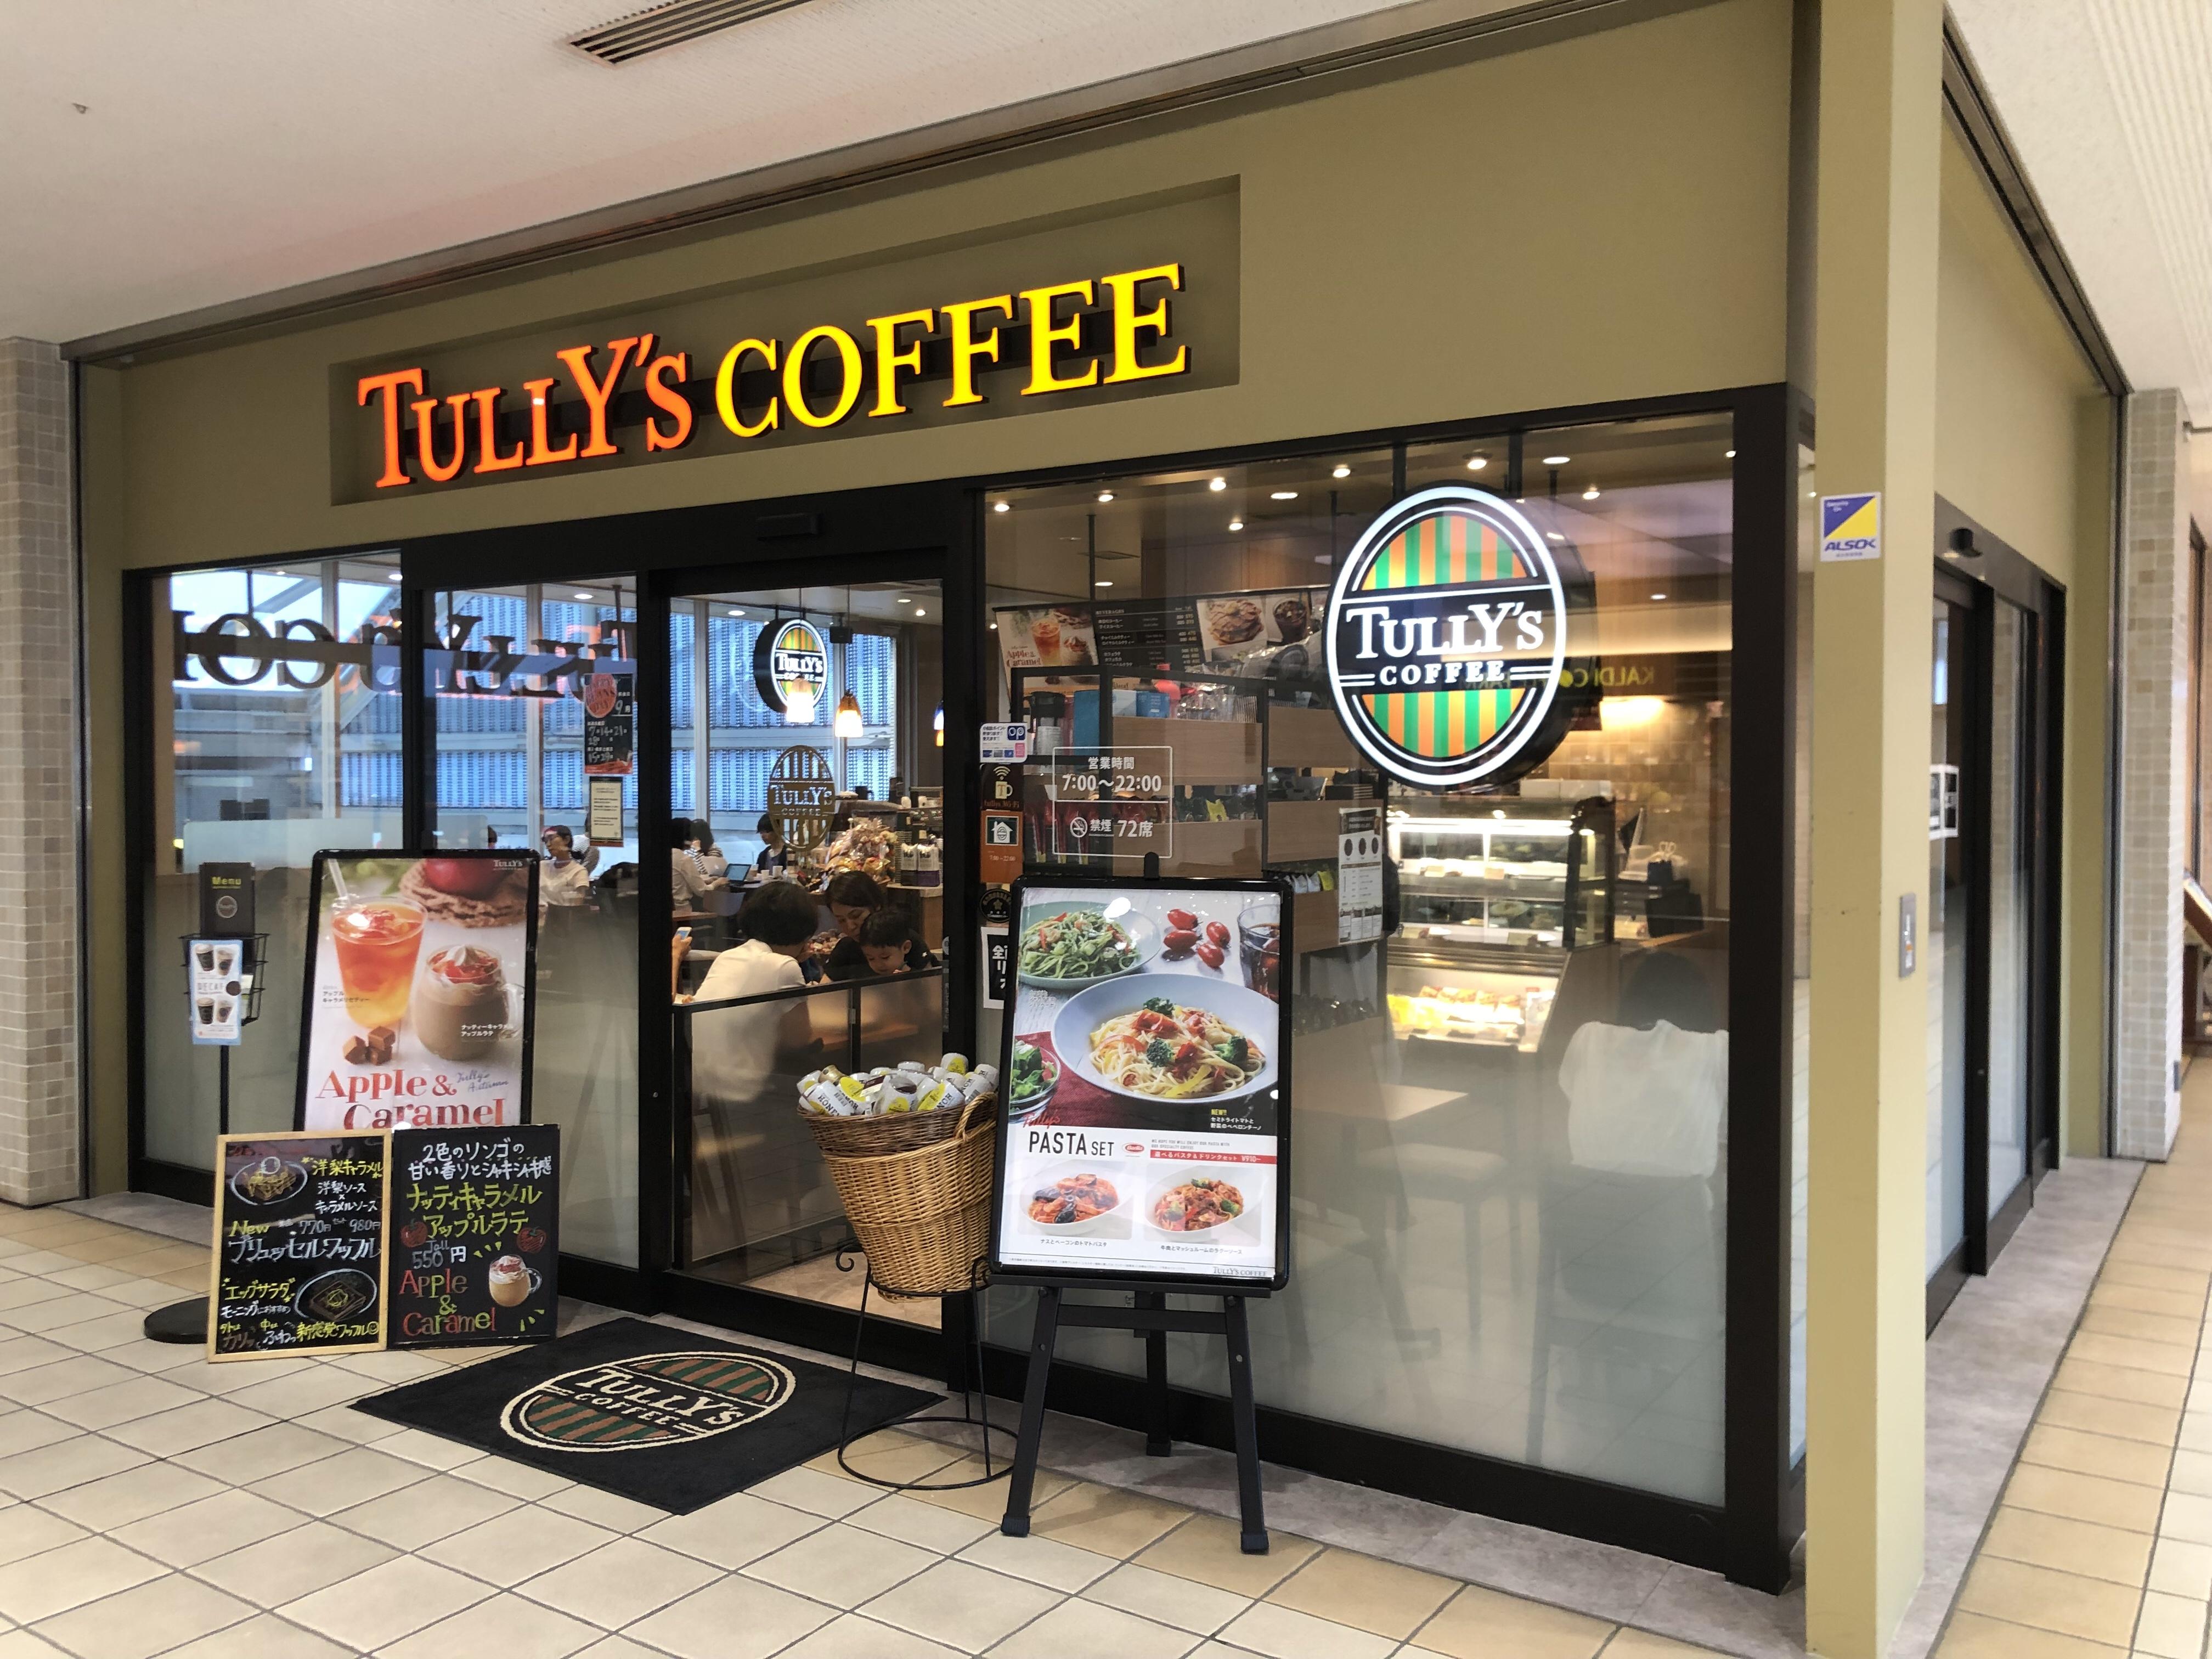 タリーズコーヒー新百合ヶ丘店